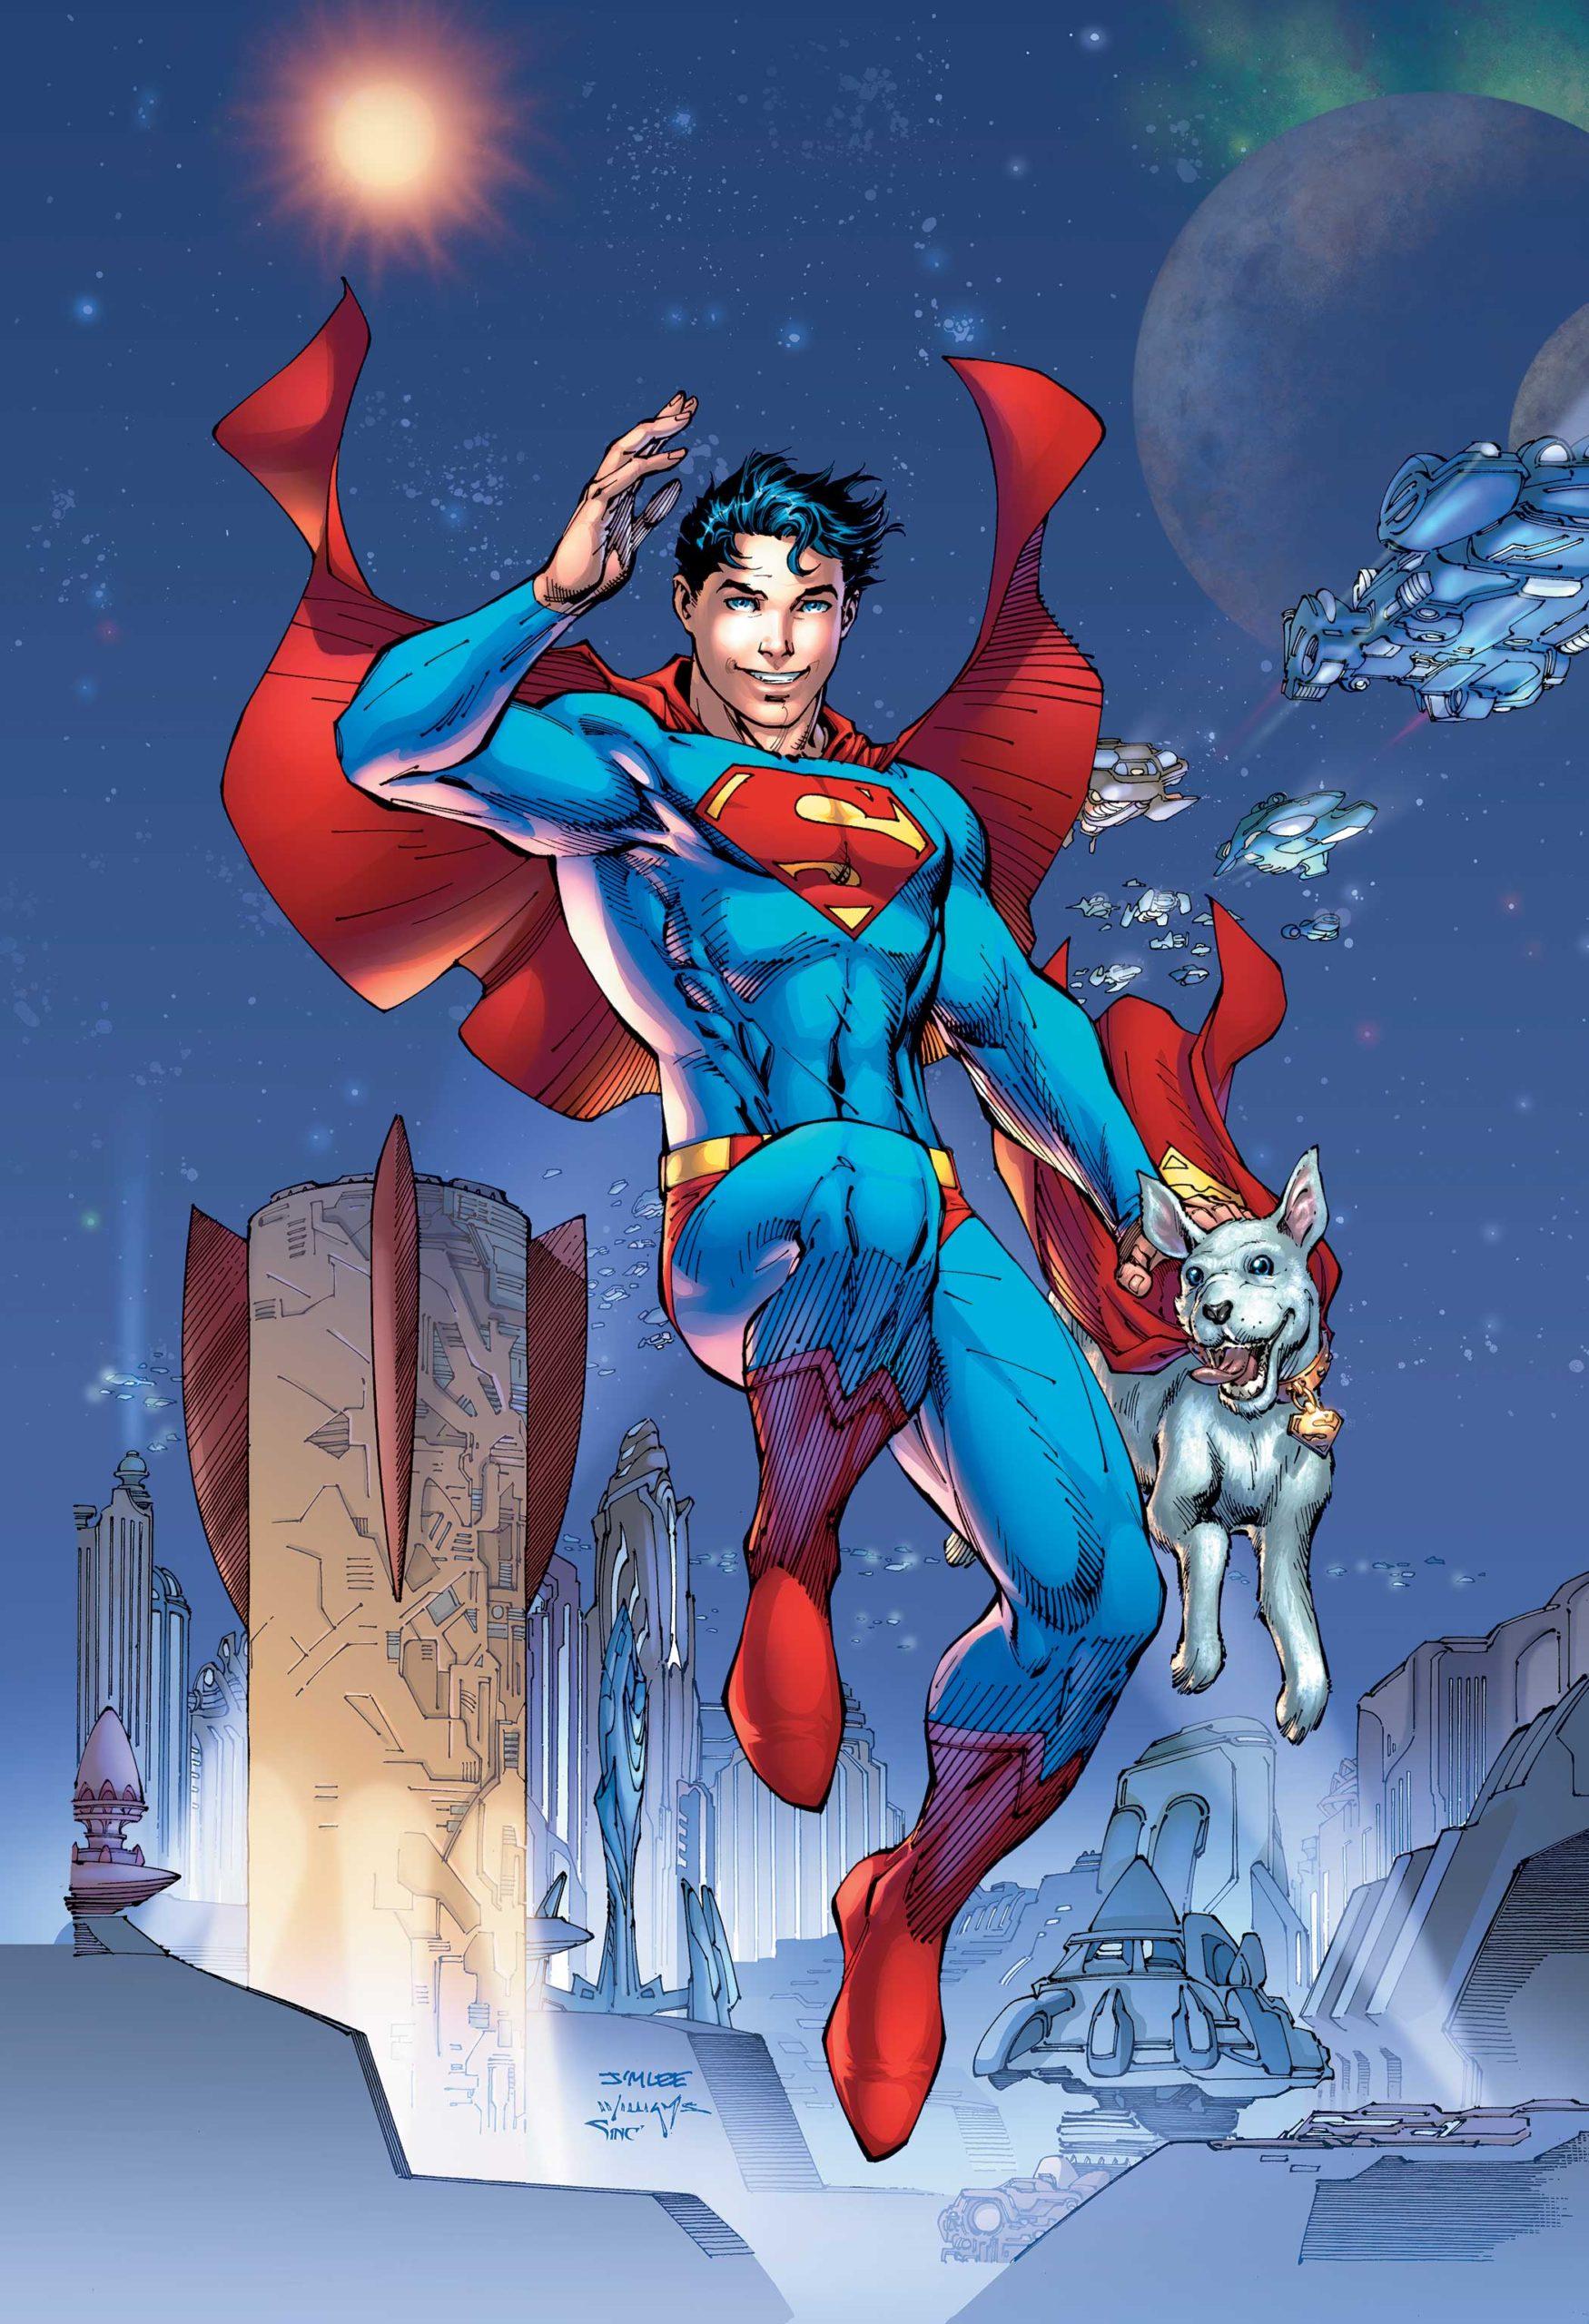 Legion of Super-Heroes Vol 6 2 Variant Textless.jpg